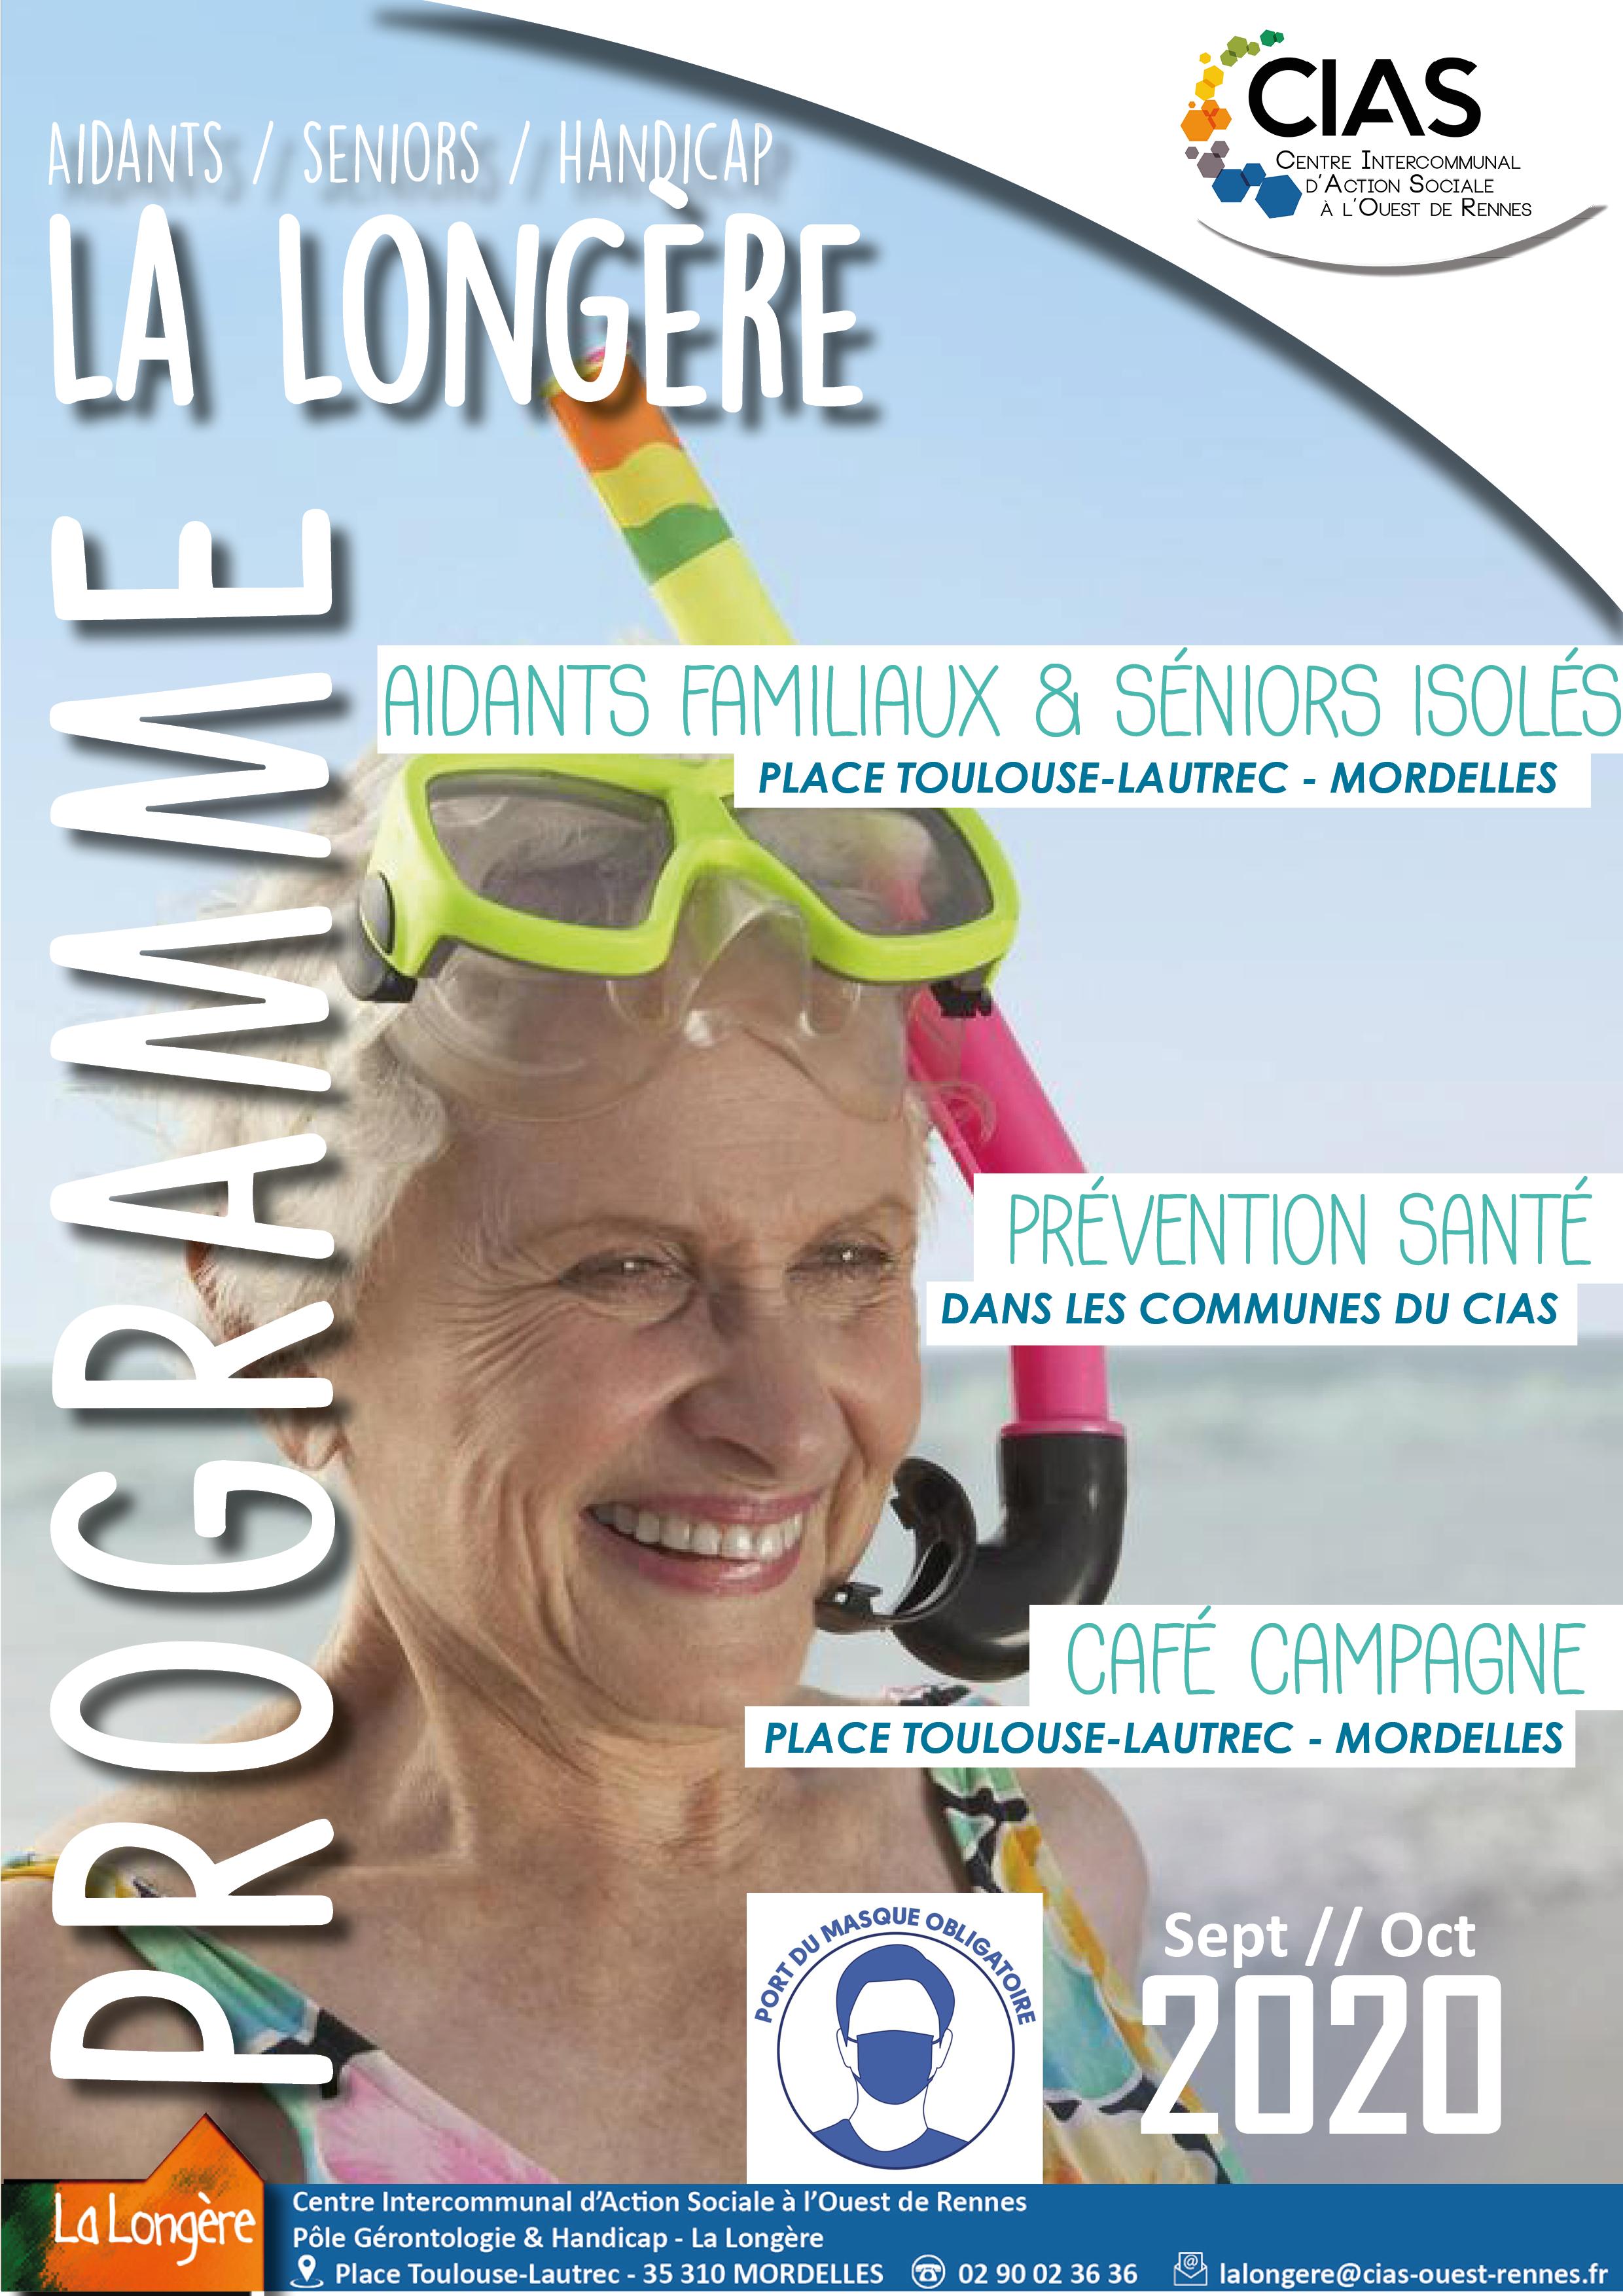 Programme Septembre - Octobre 2020 La Longère du CIAS à l'Ouest de Rennes